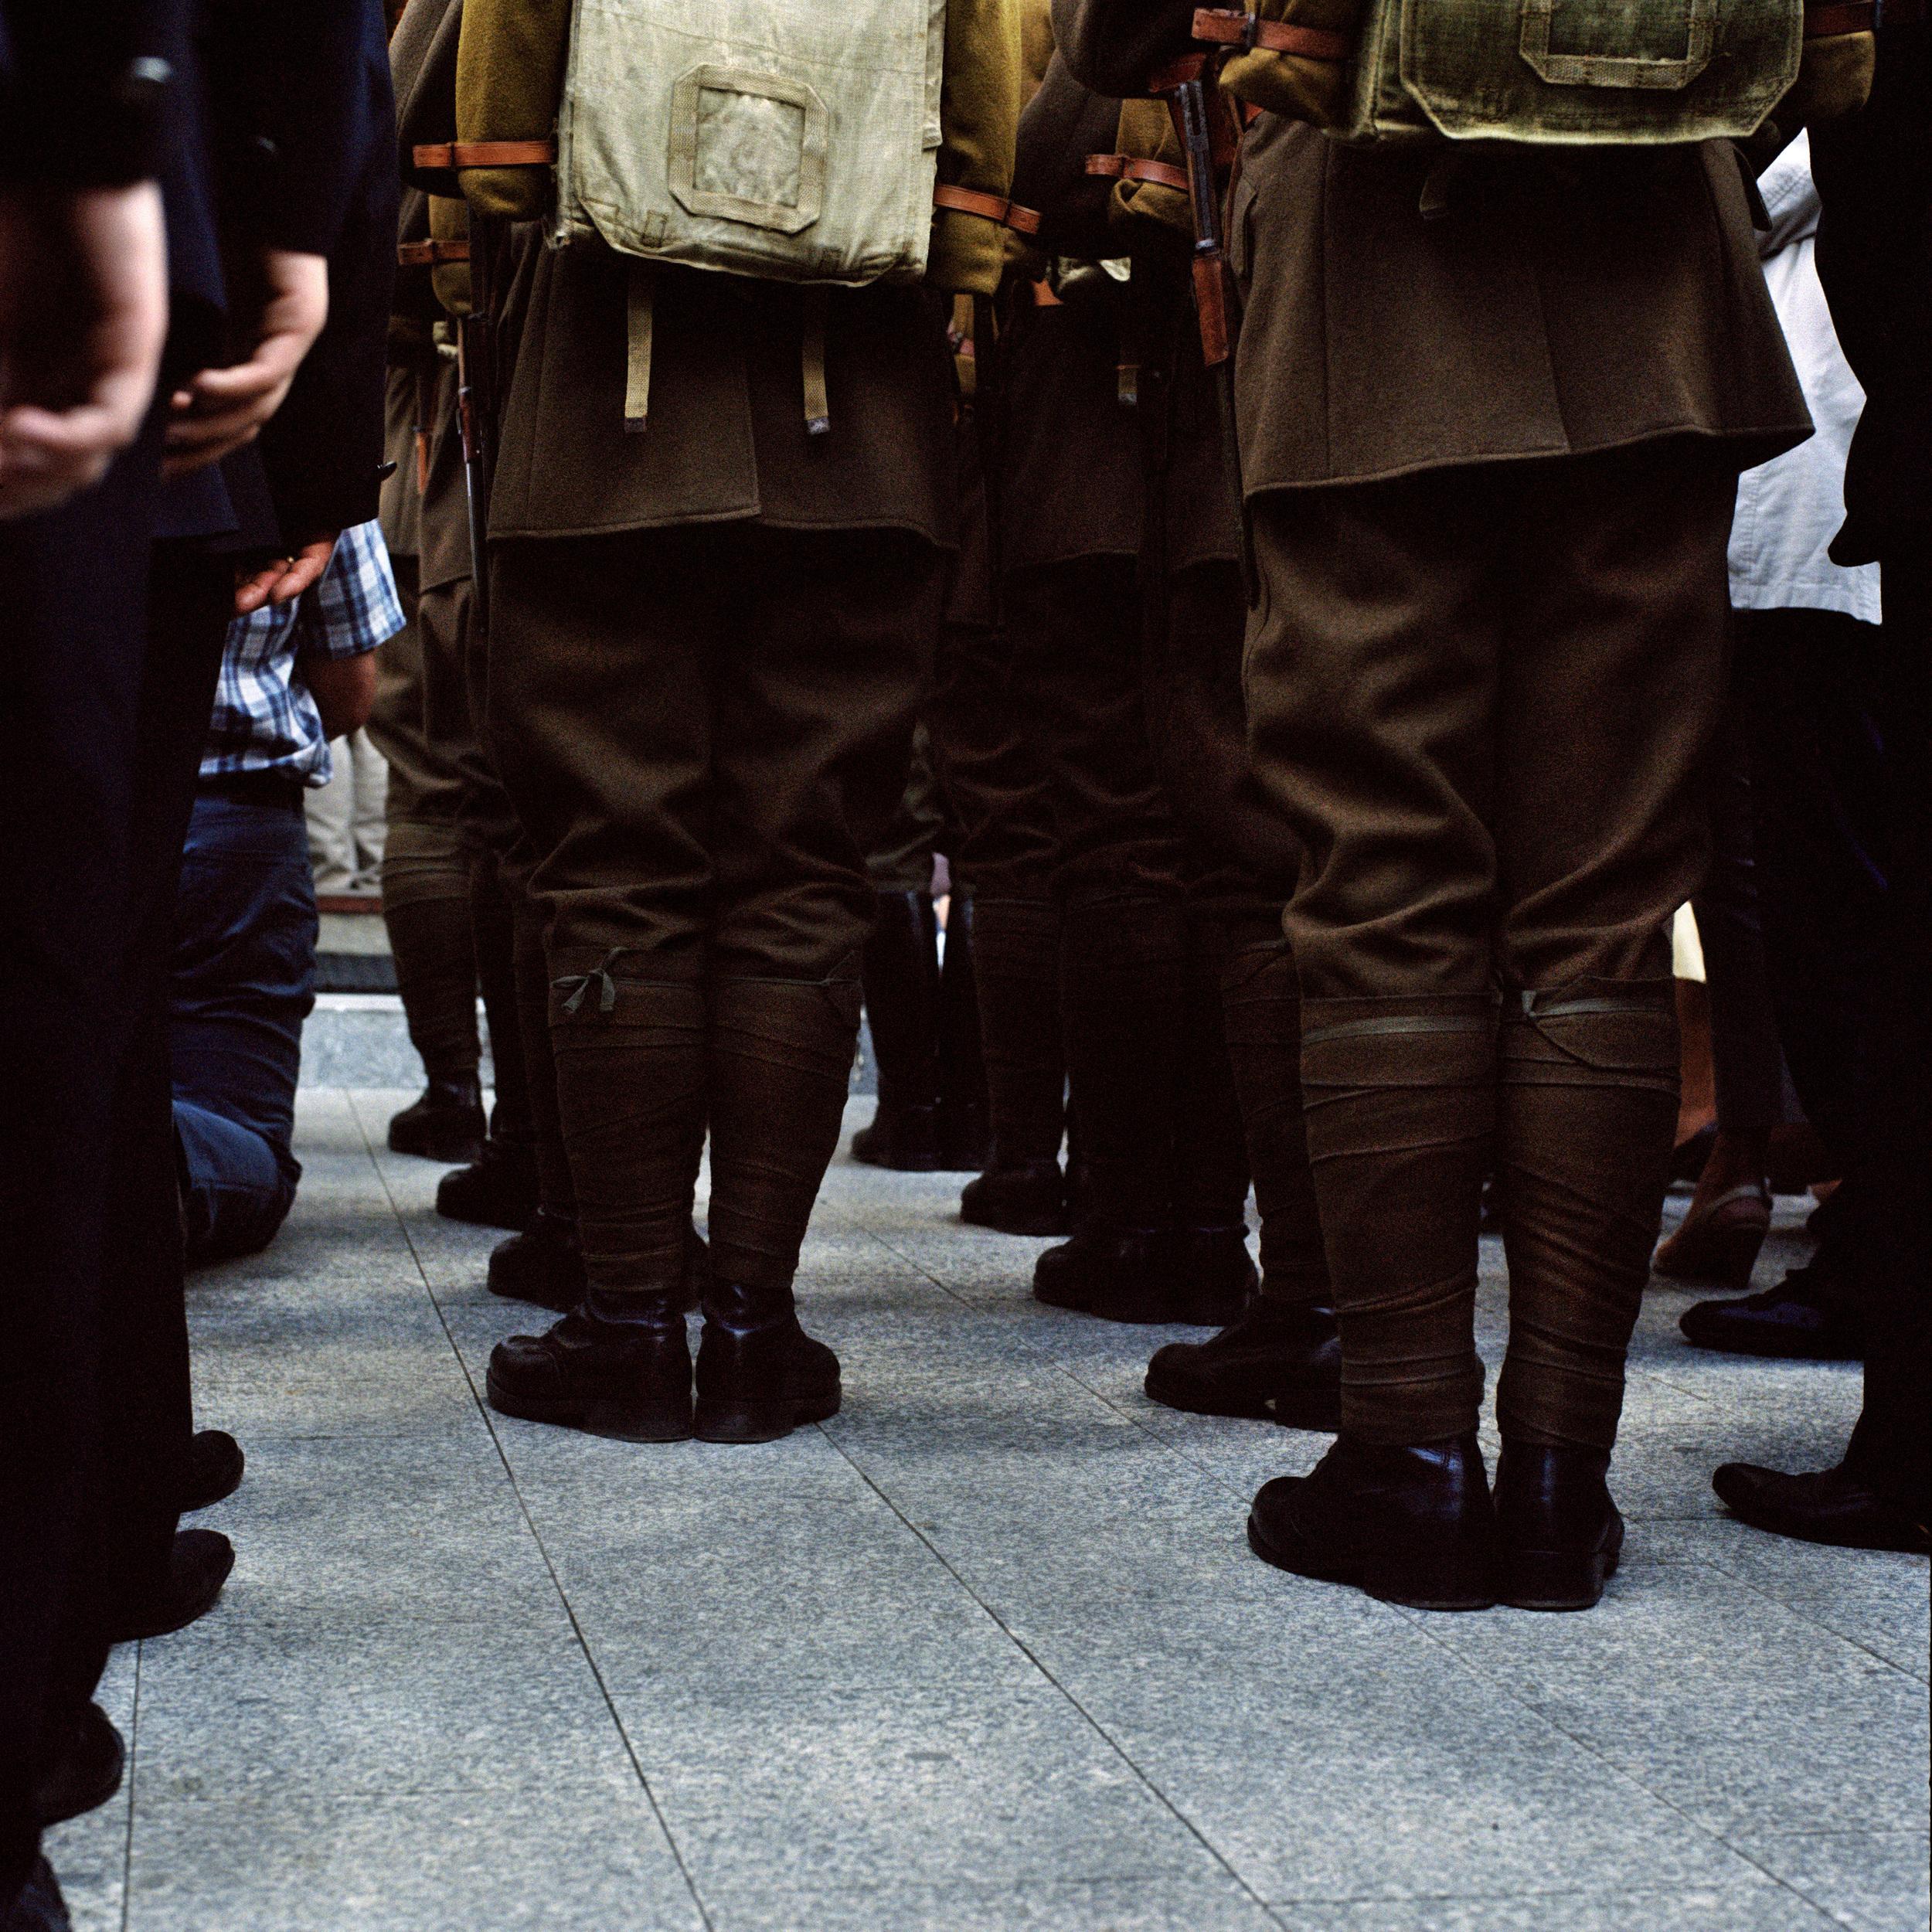 soldierslegs.jpg